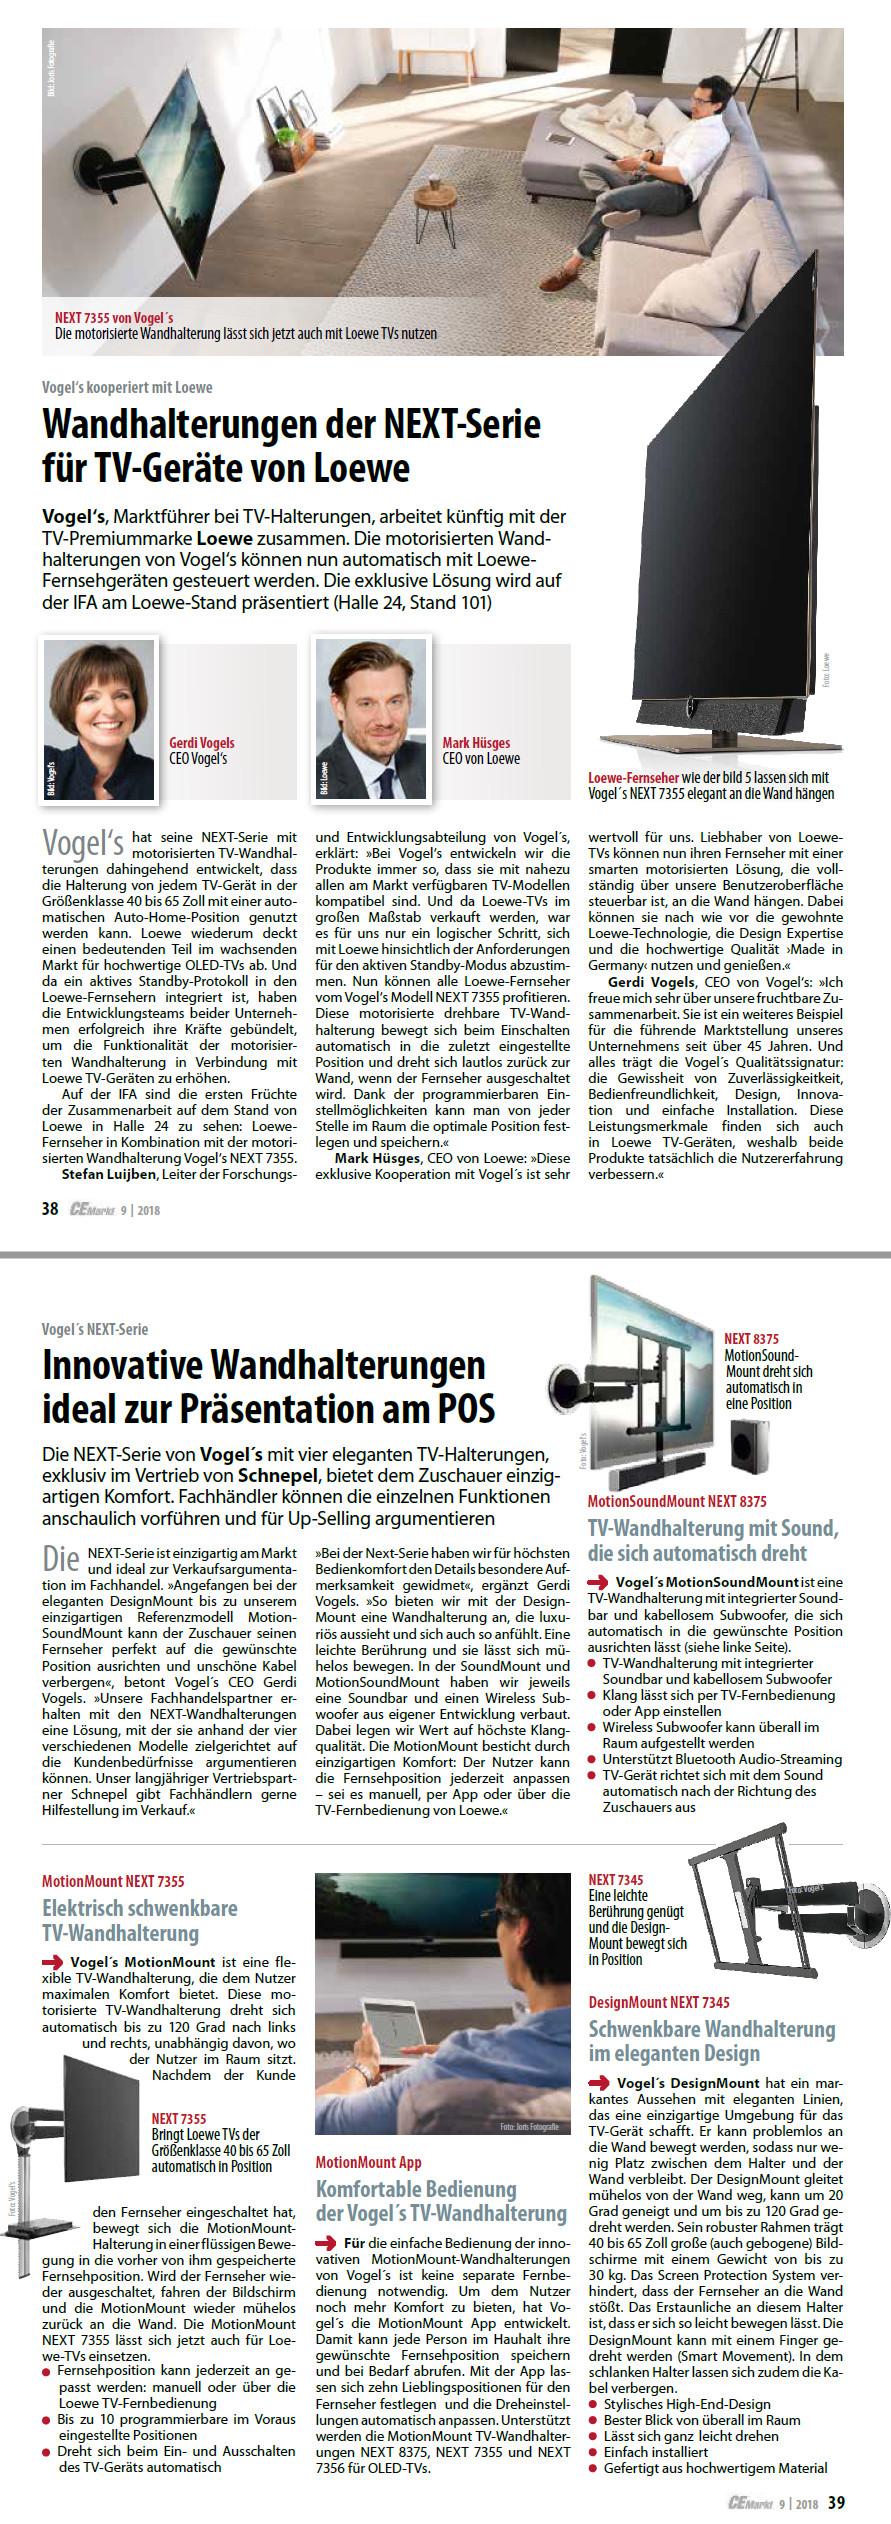 Pressebericht einzigartige Zusammenarbeit Loewe Vogel's